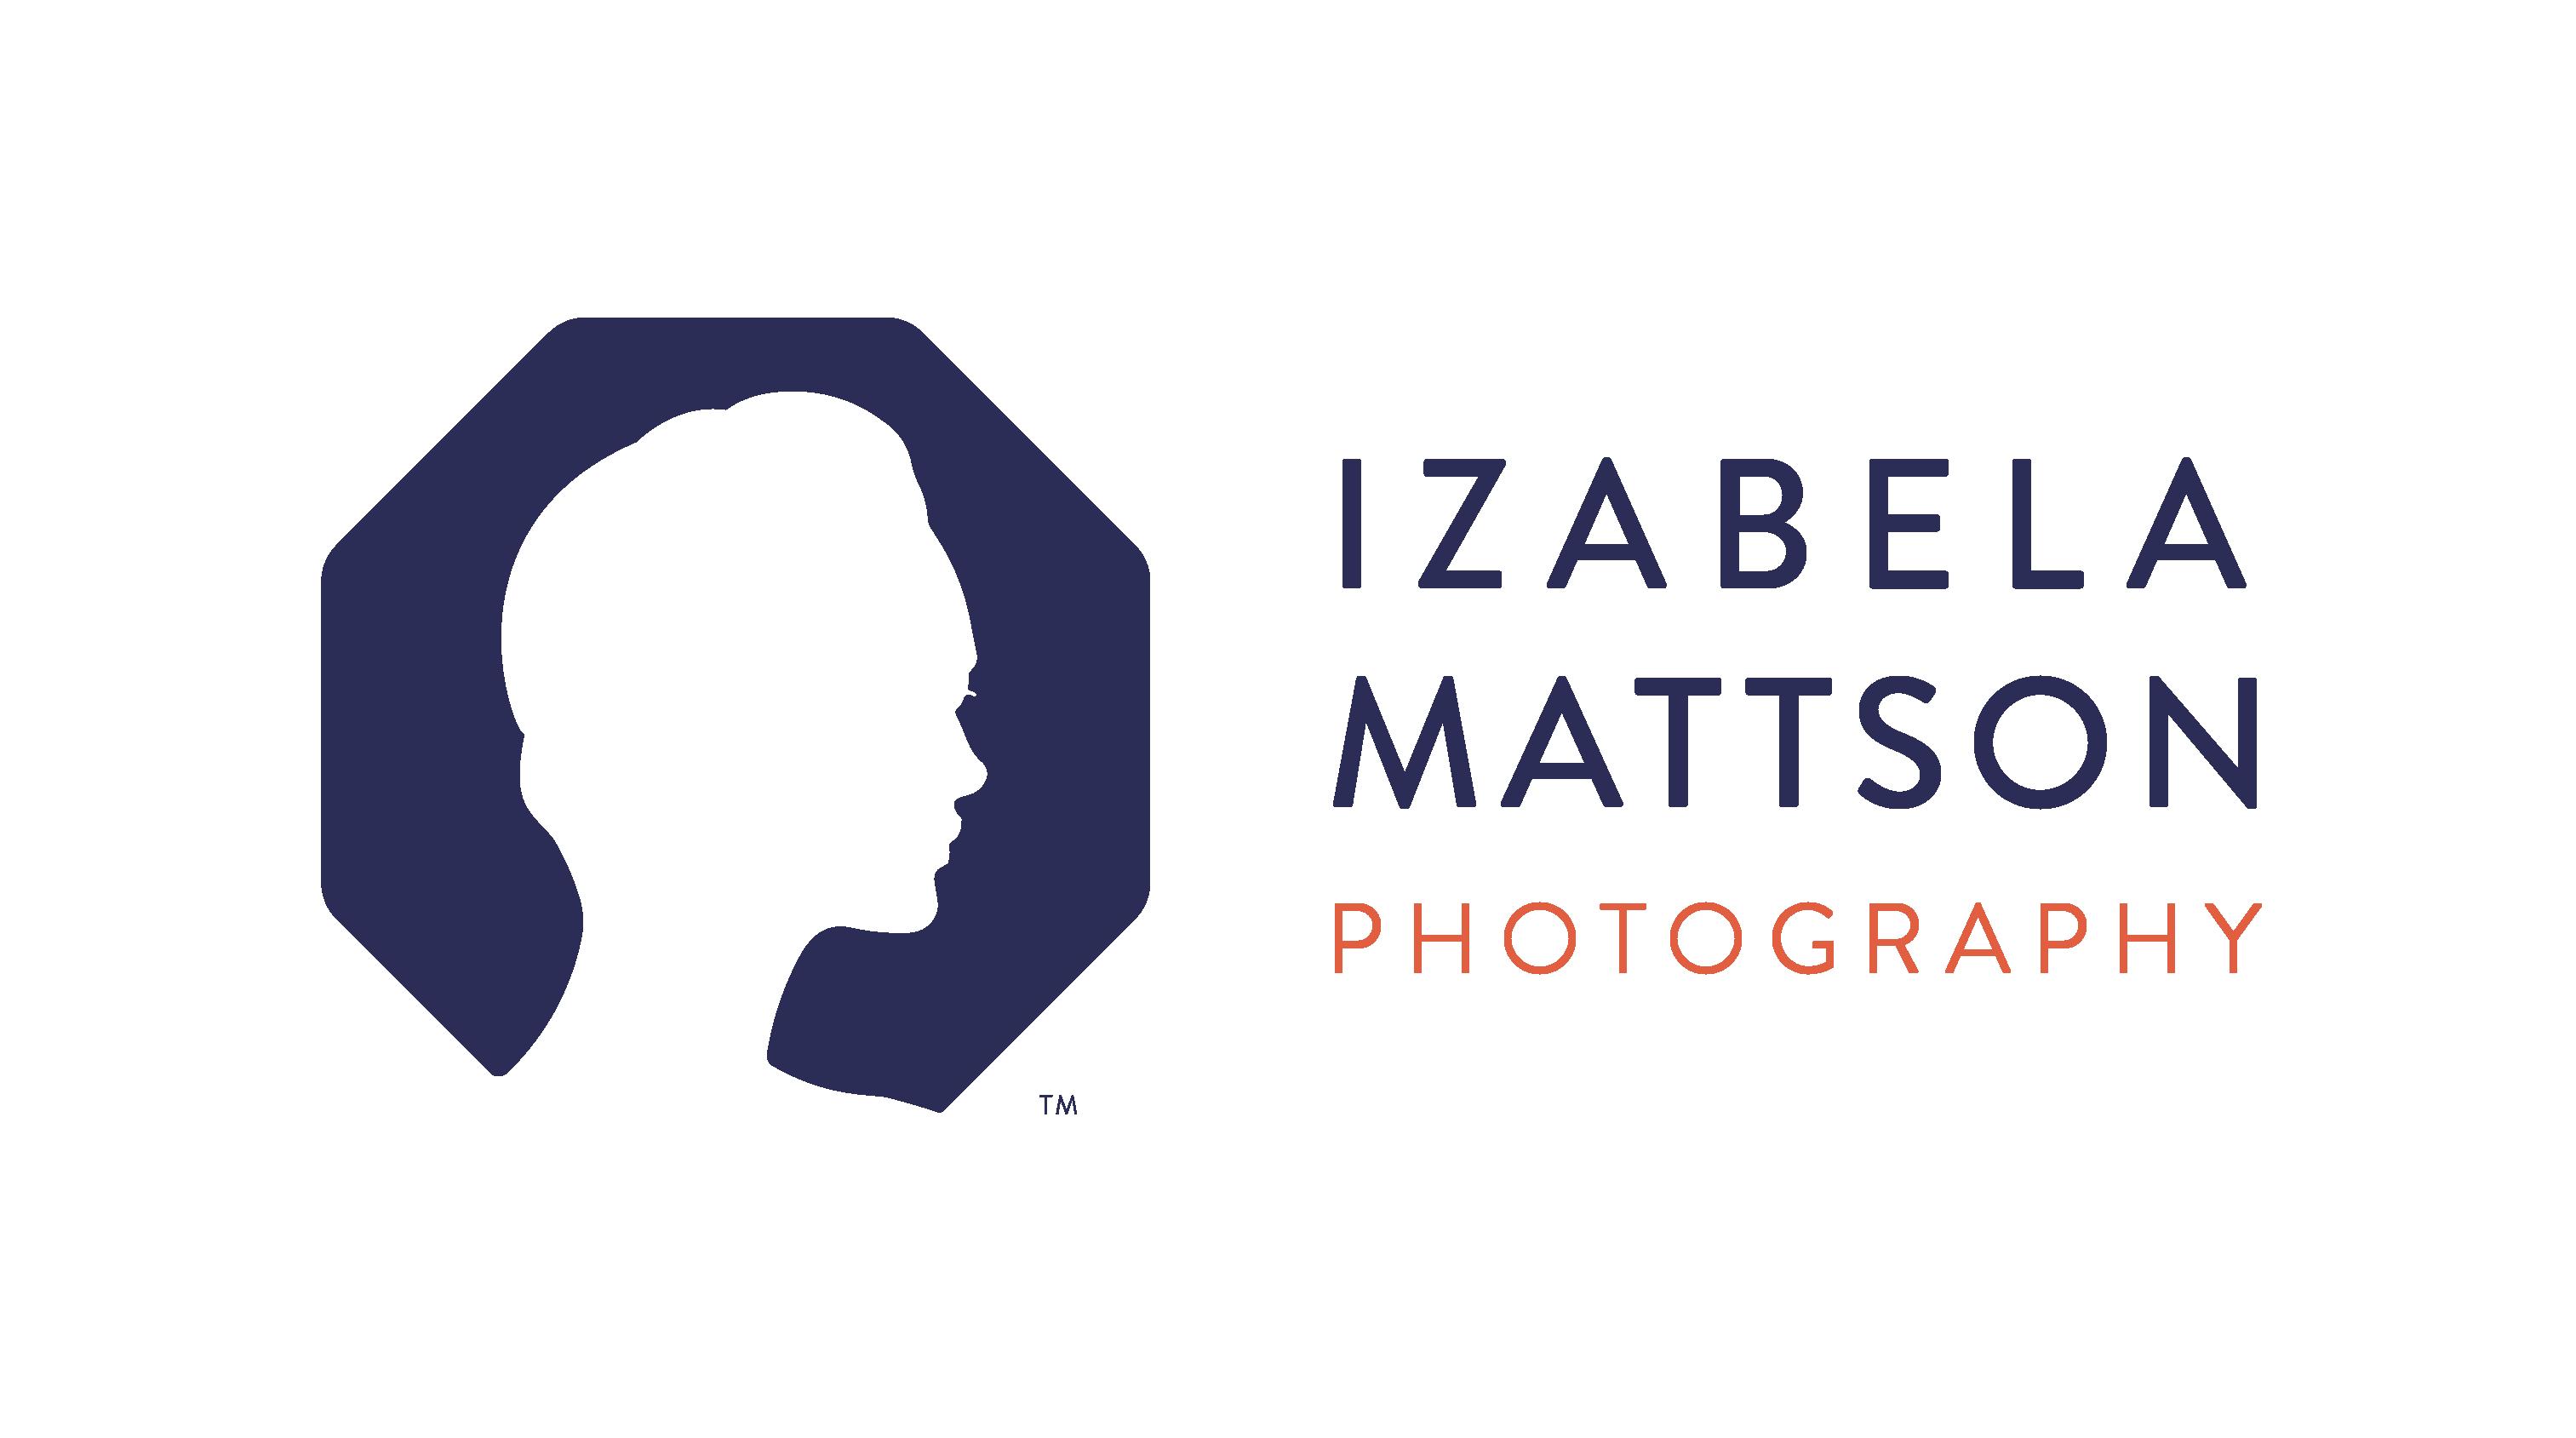 Izabela Mattson